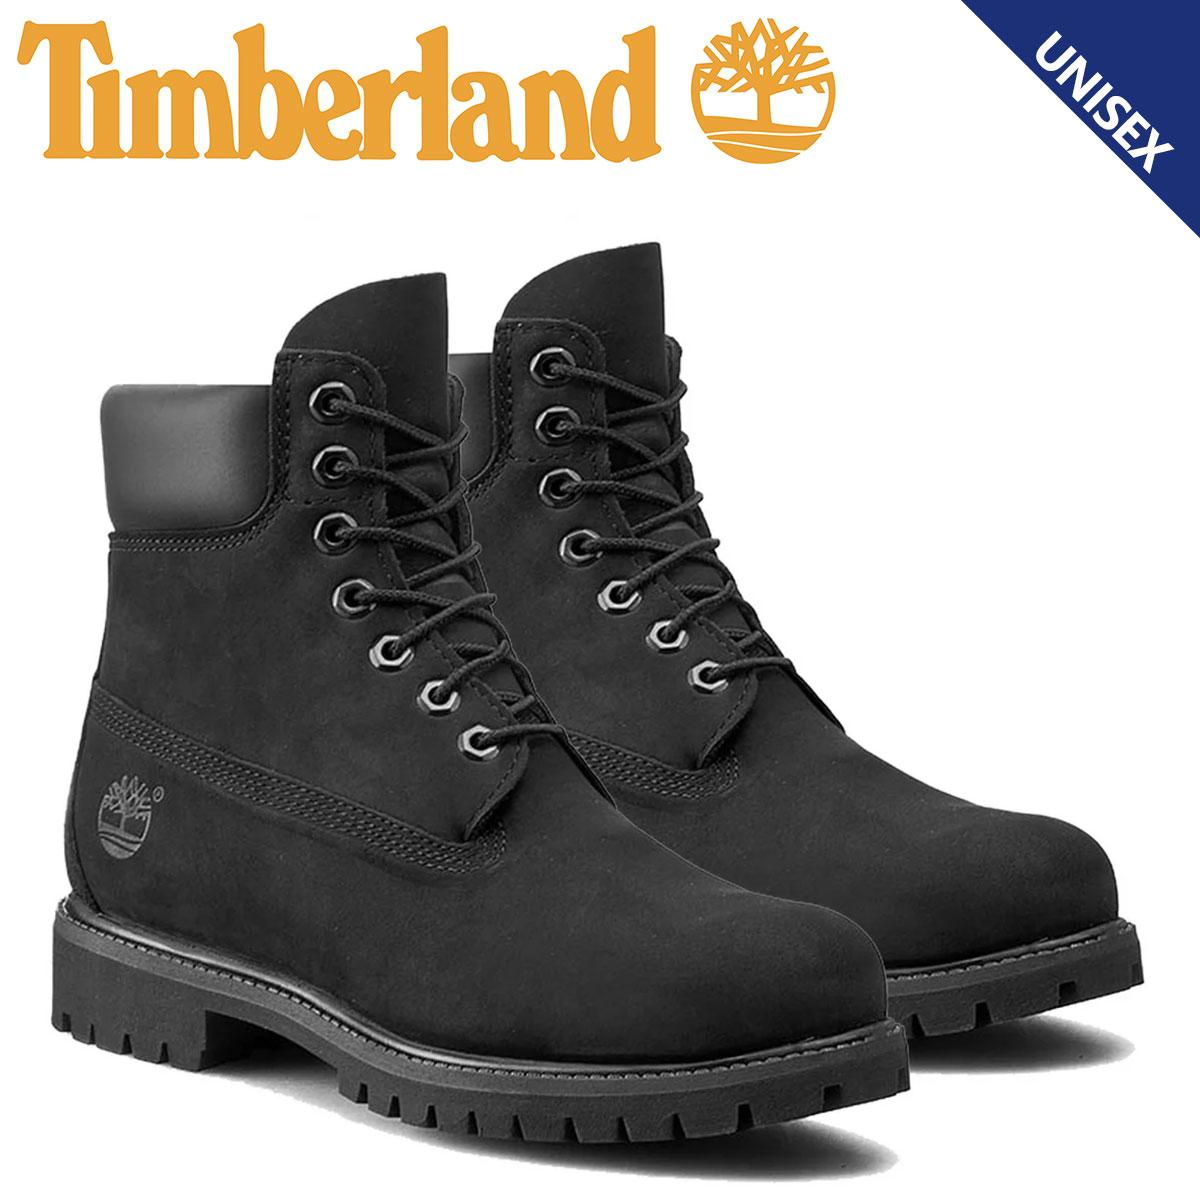 ティンバーランド ブーツ メンズ レディース 6インチ Timberland 6INCH PREMIUM WATERPROOF BOOTS 10073 プレミアム ウォータープルーフ 防水 [予約商品 1/20頃入荷予定 追加入荷]